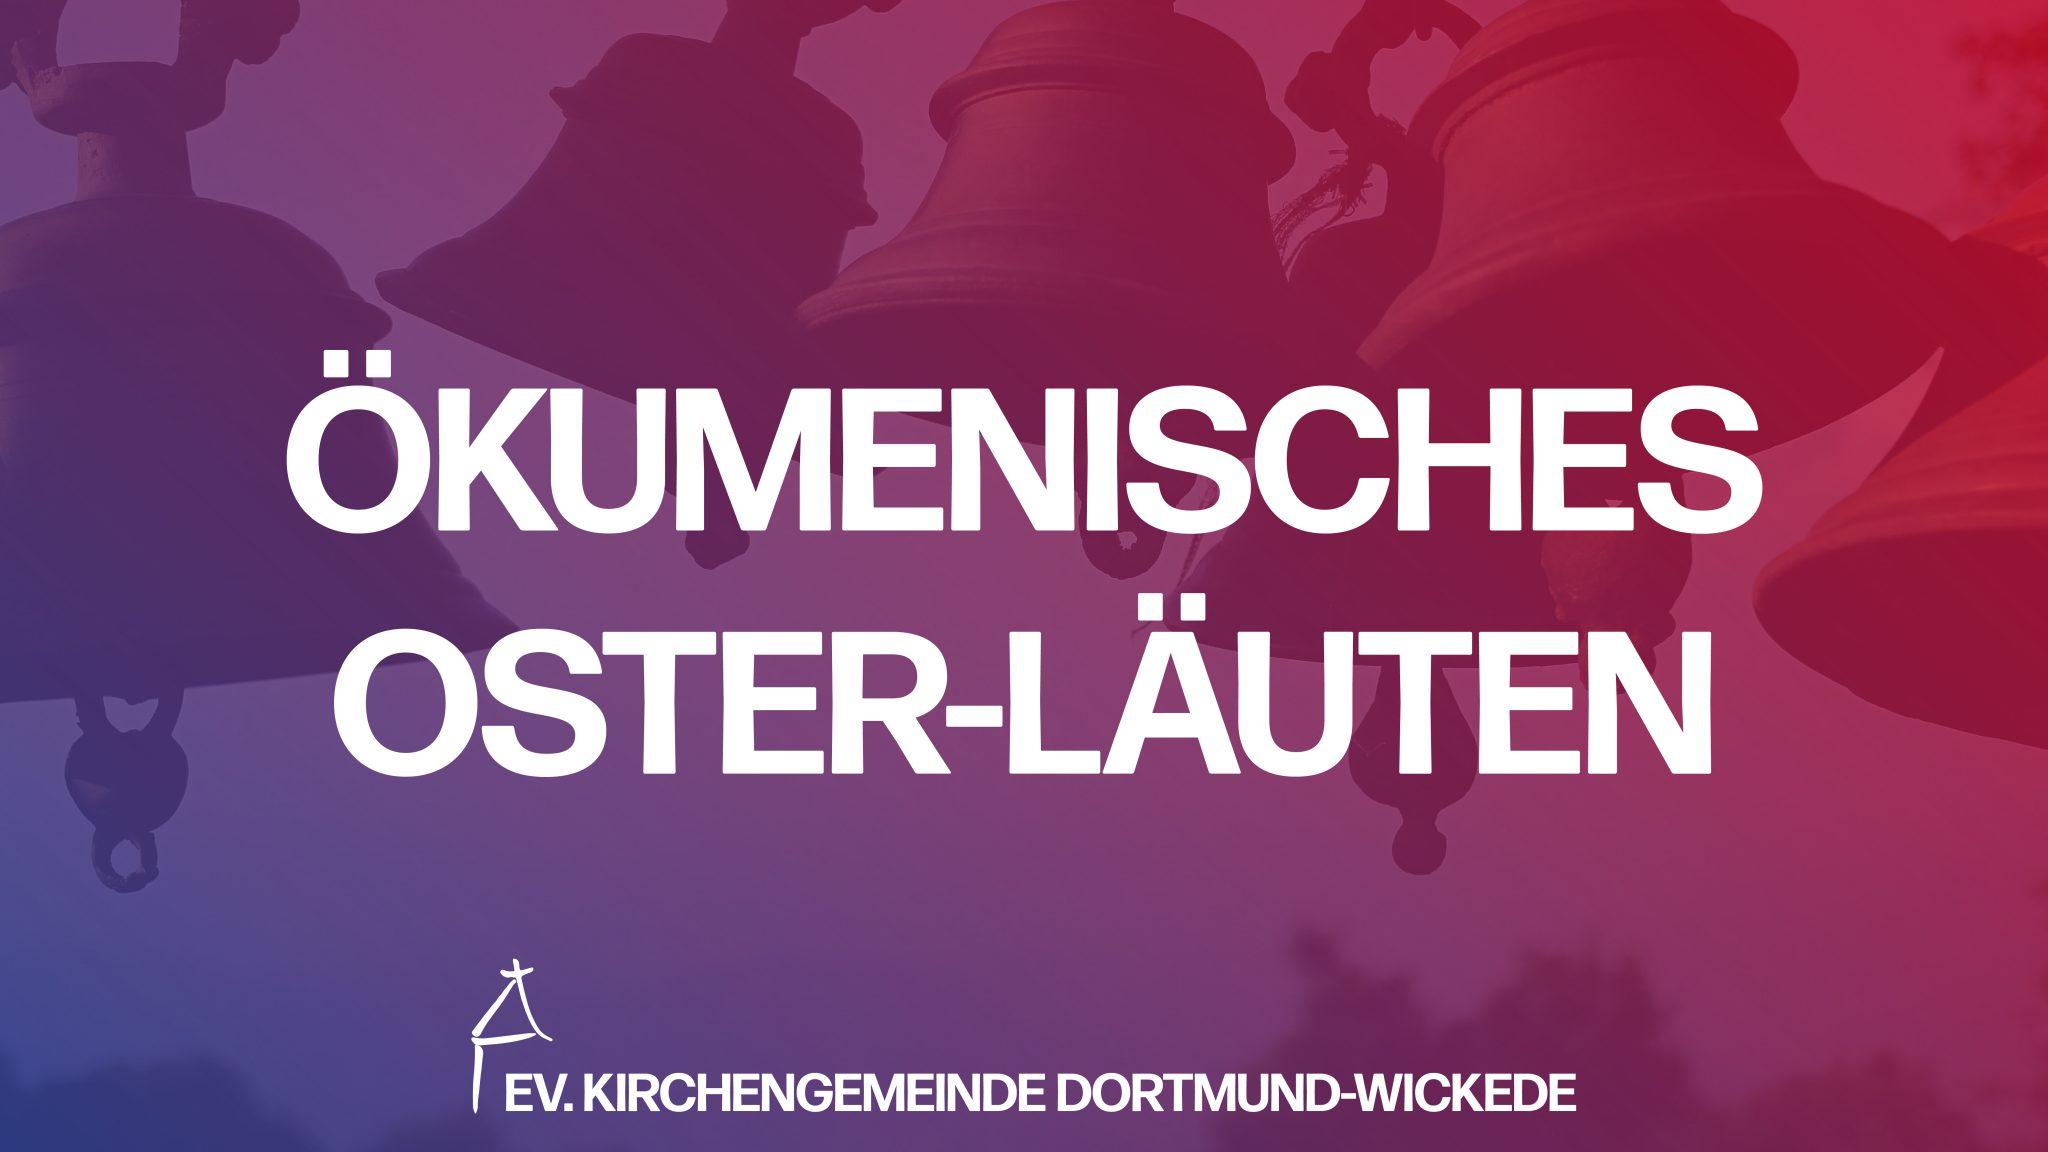 Ökumenisches Oster-Läuten